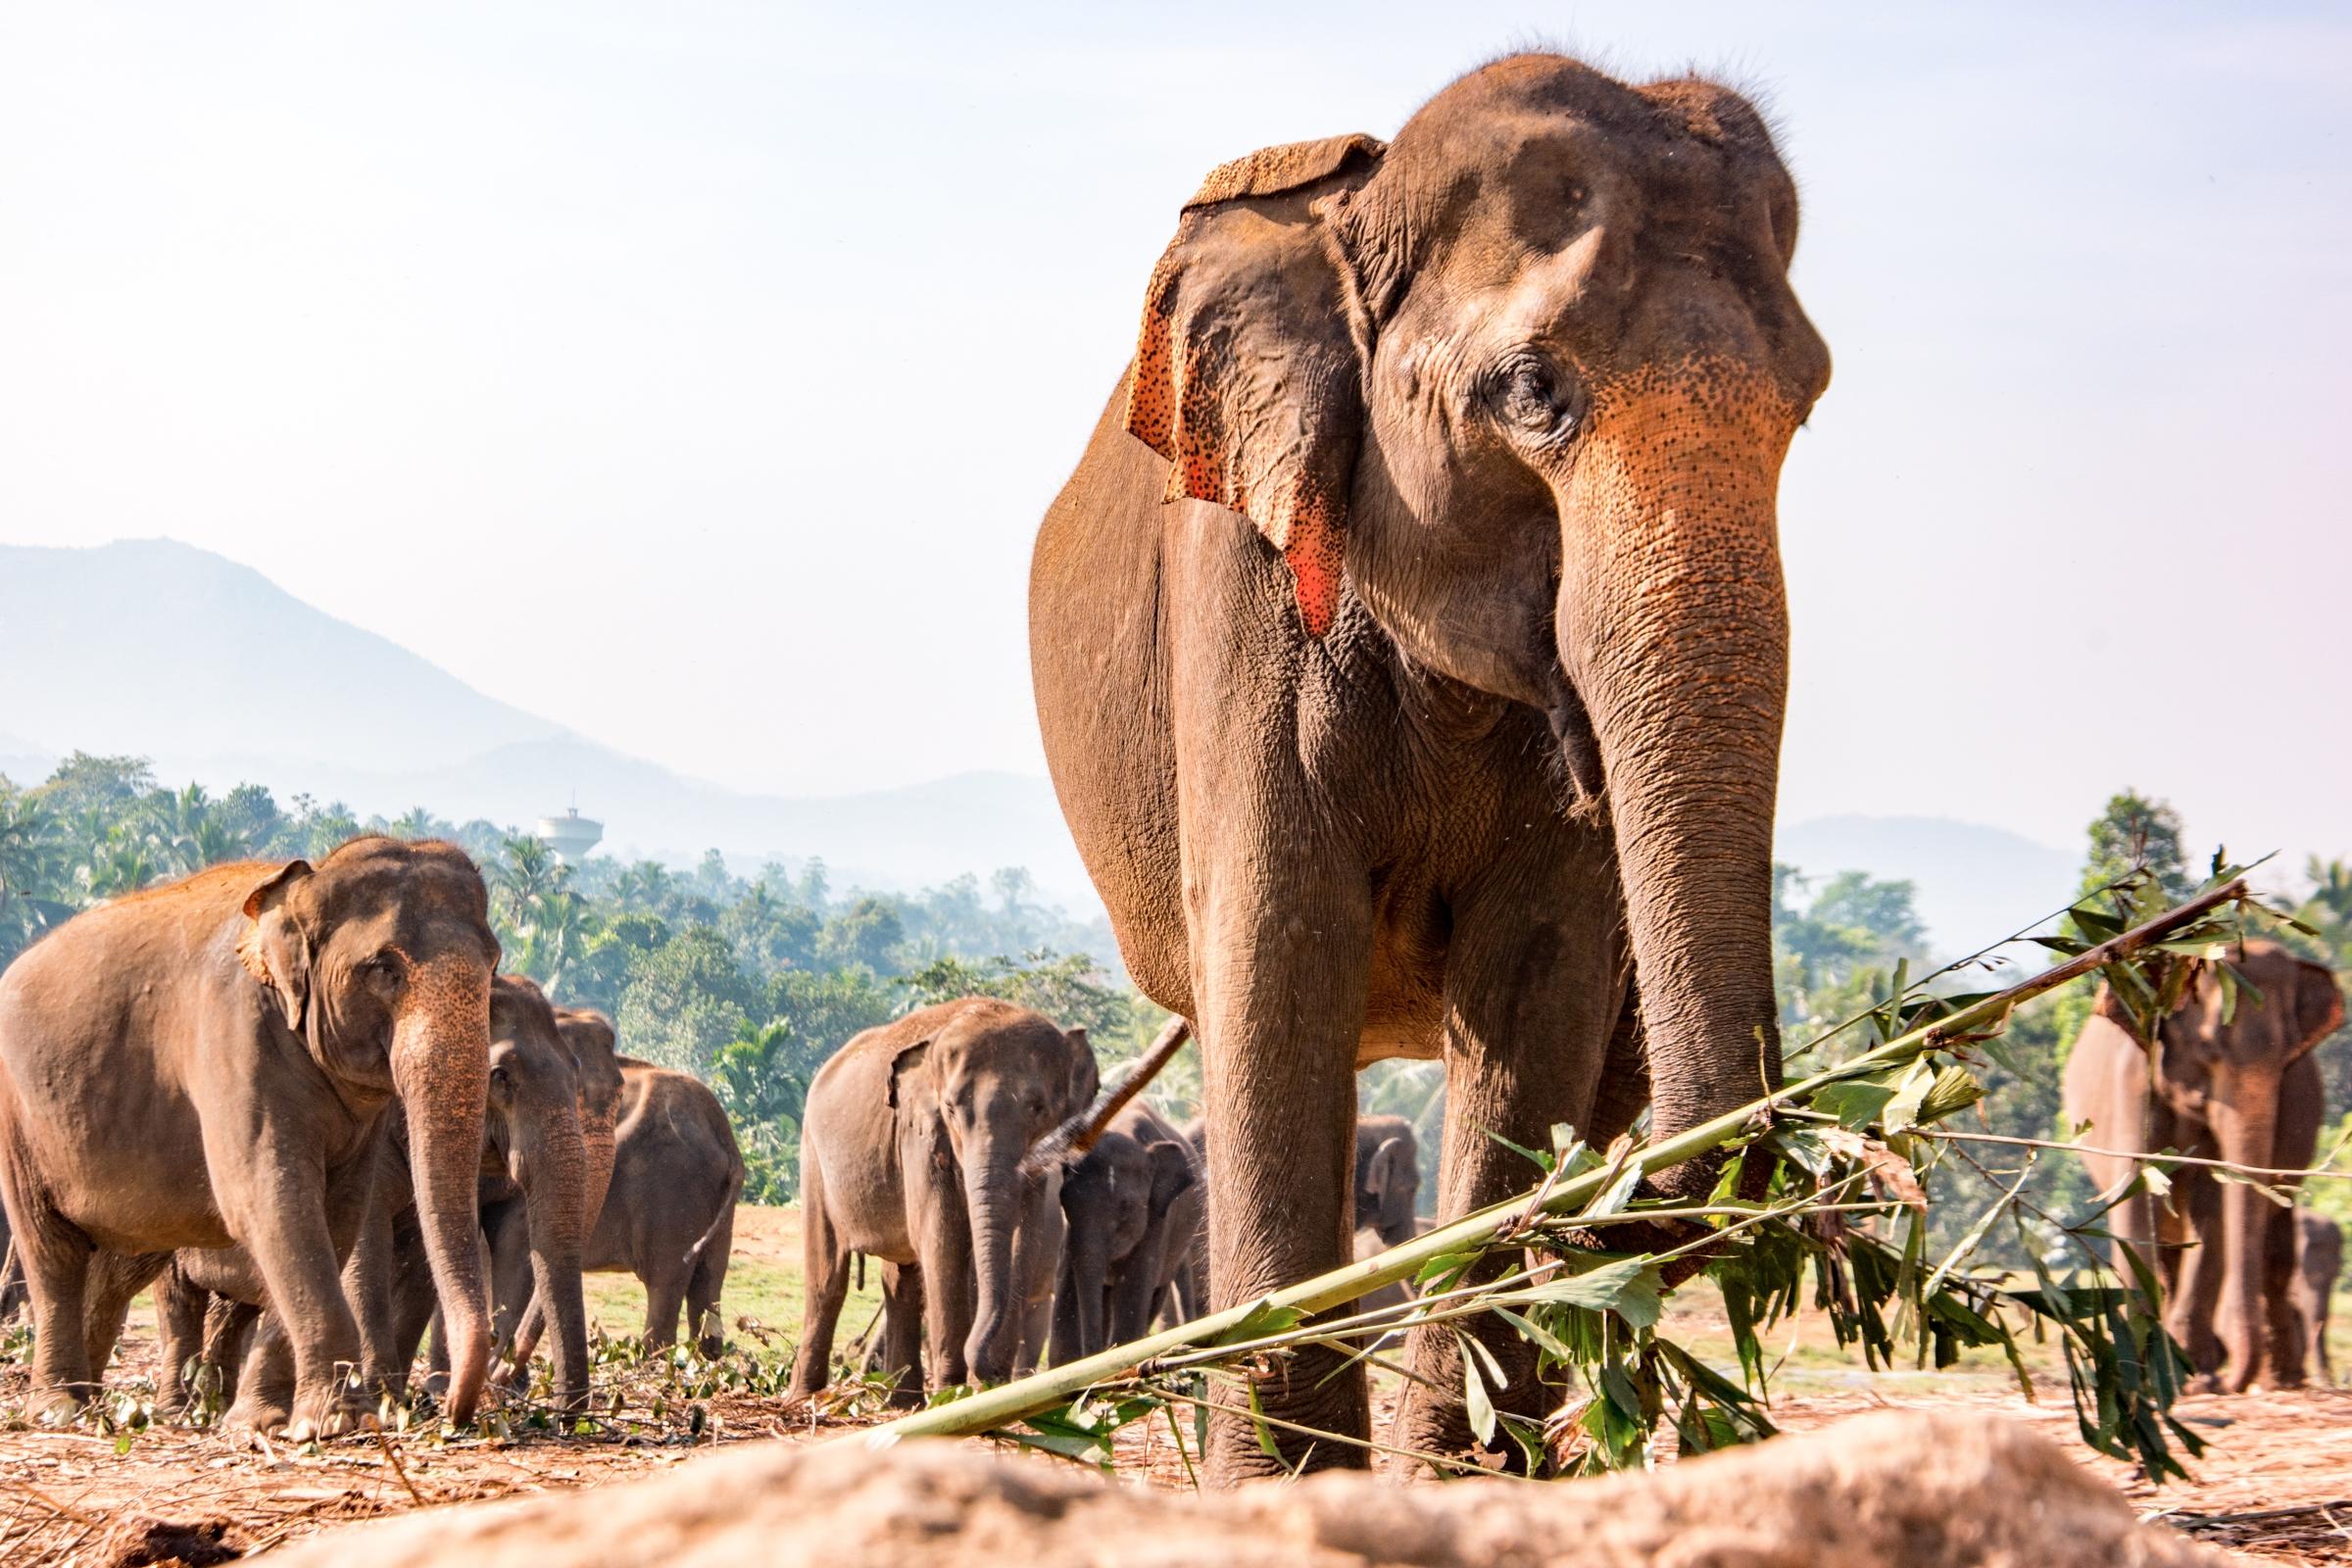 scenes forgotten sri lankan cou - wasimofnazareth | ello